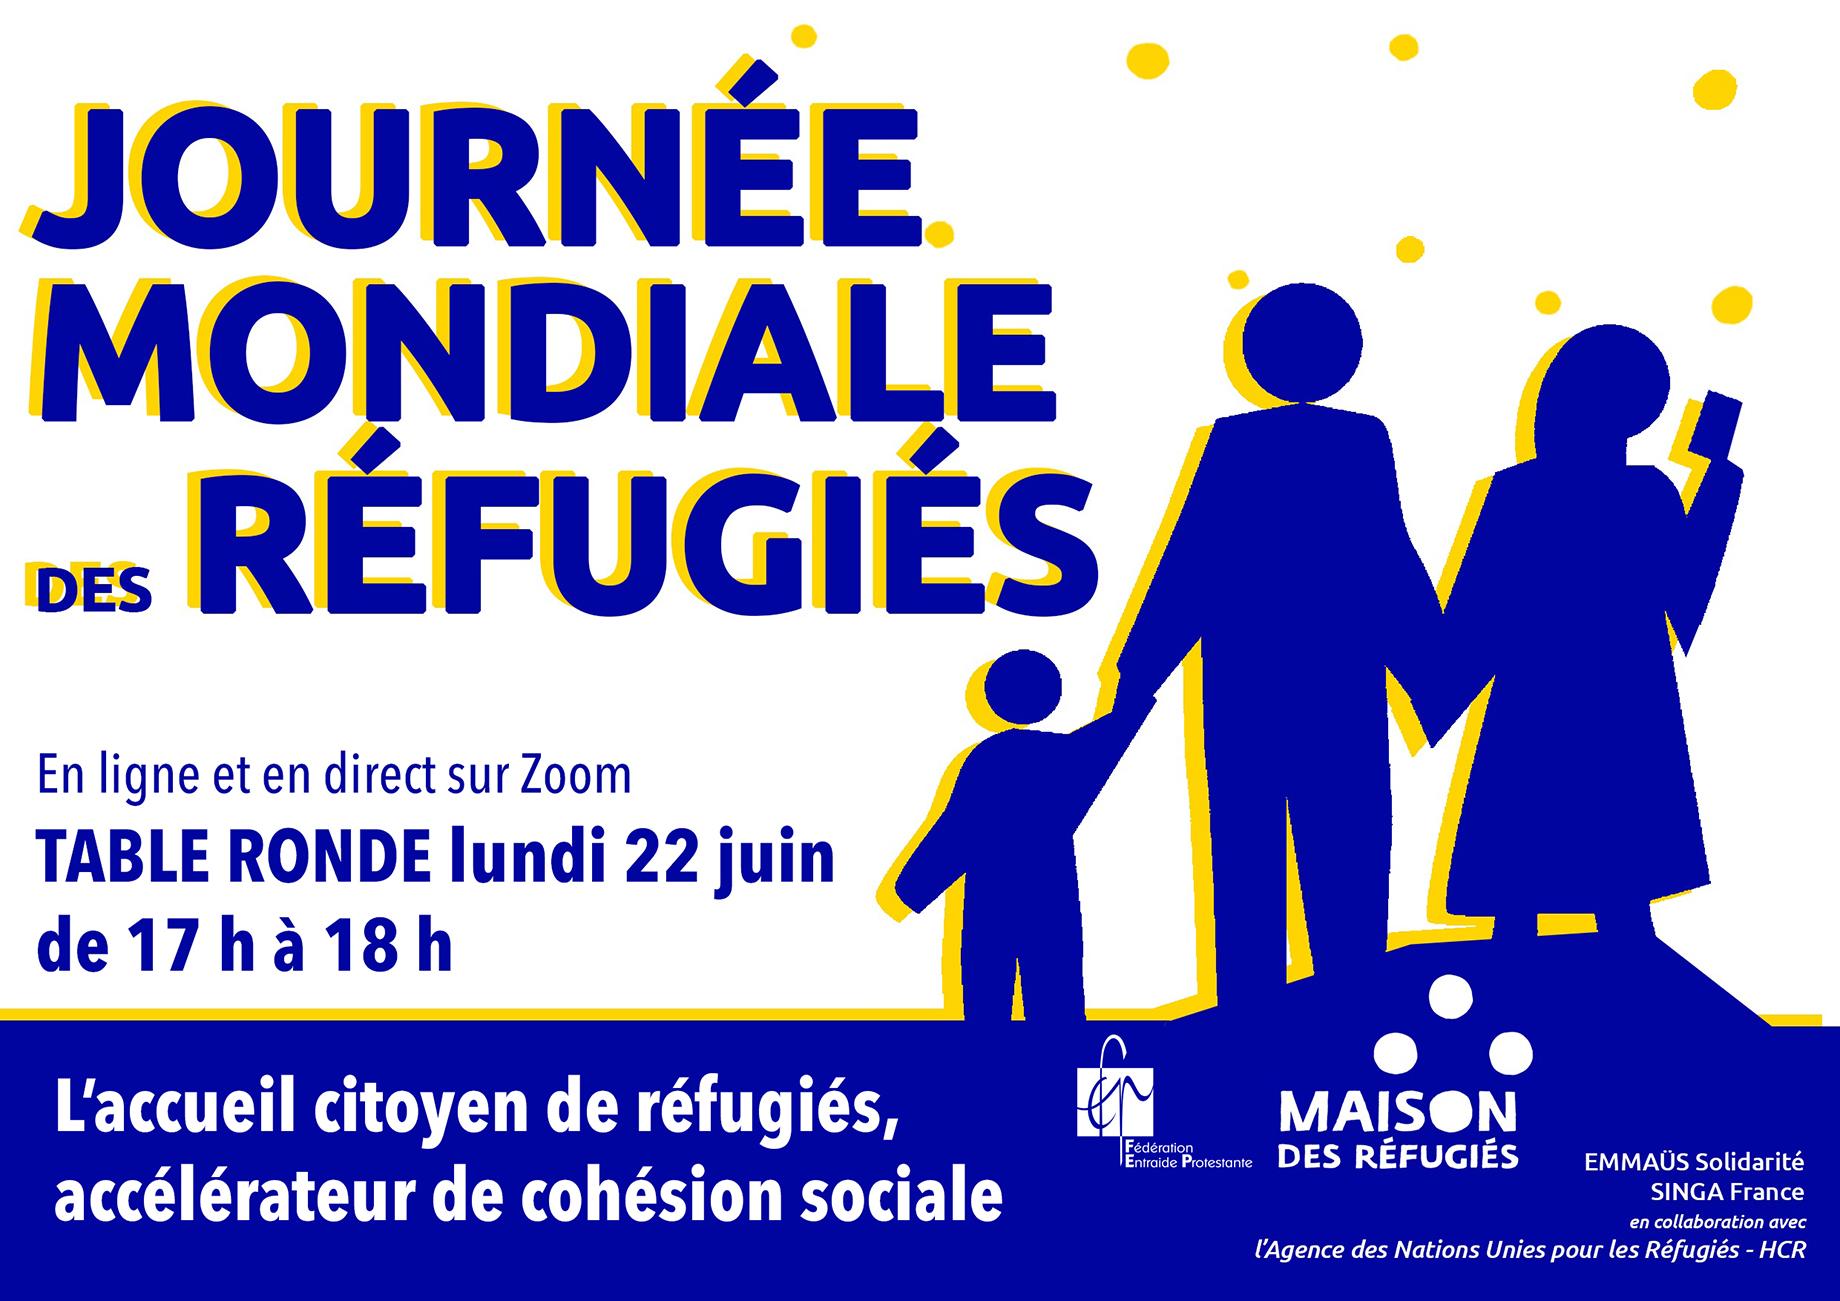 Journée mondiale des réfugiées - 22 juin 2020